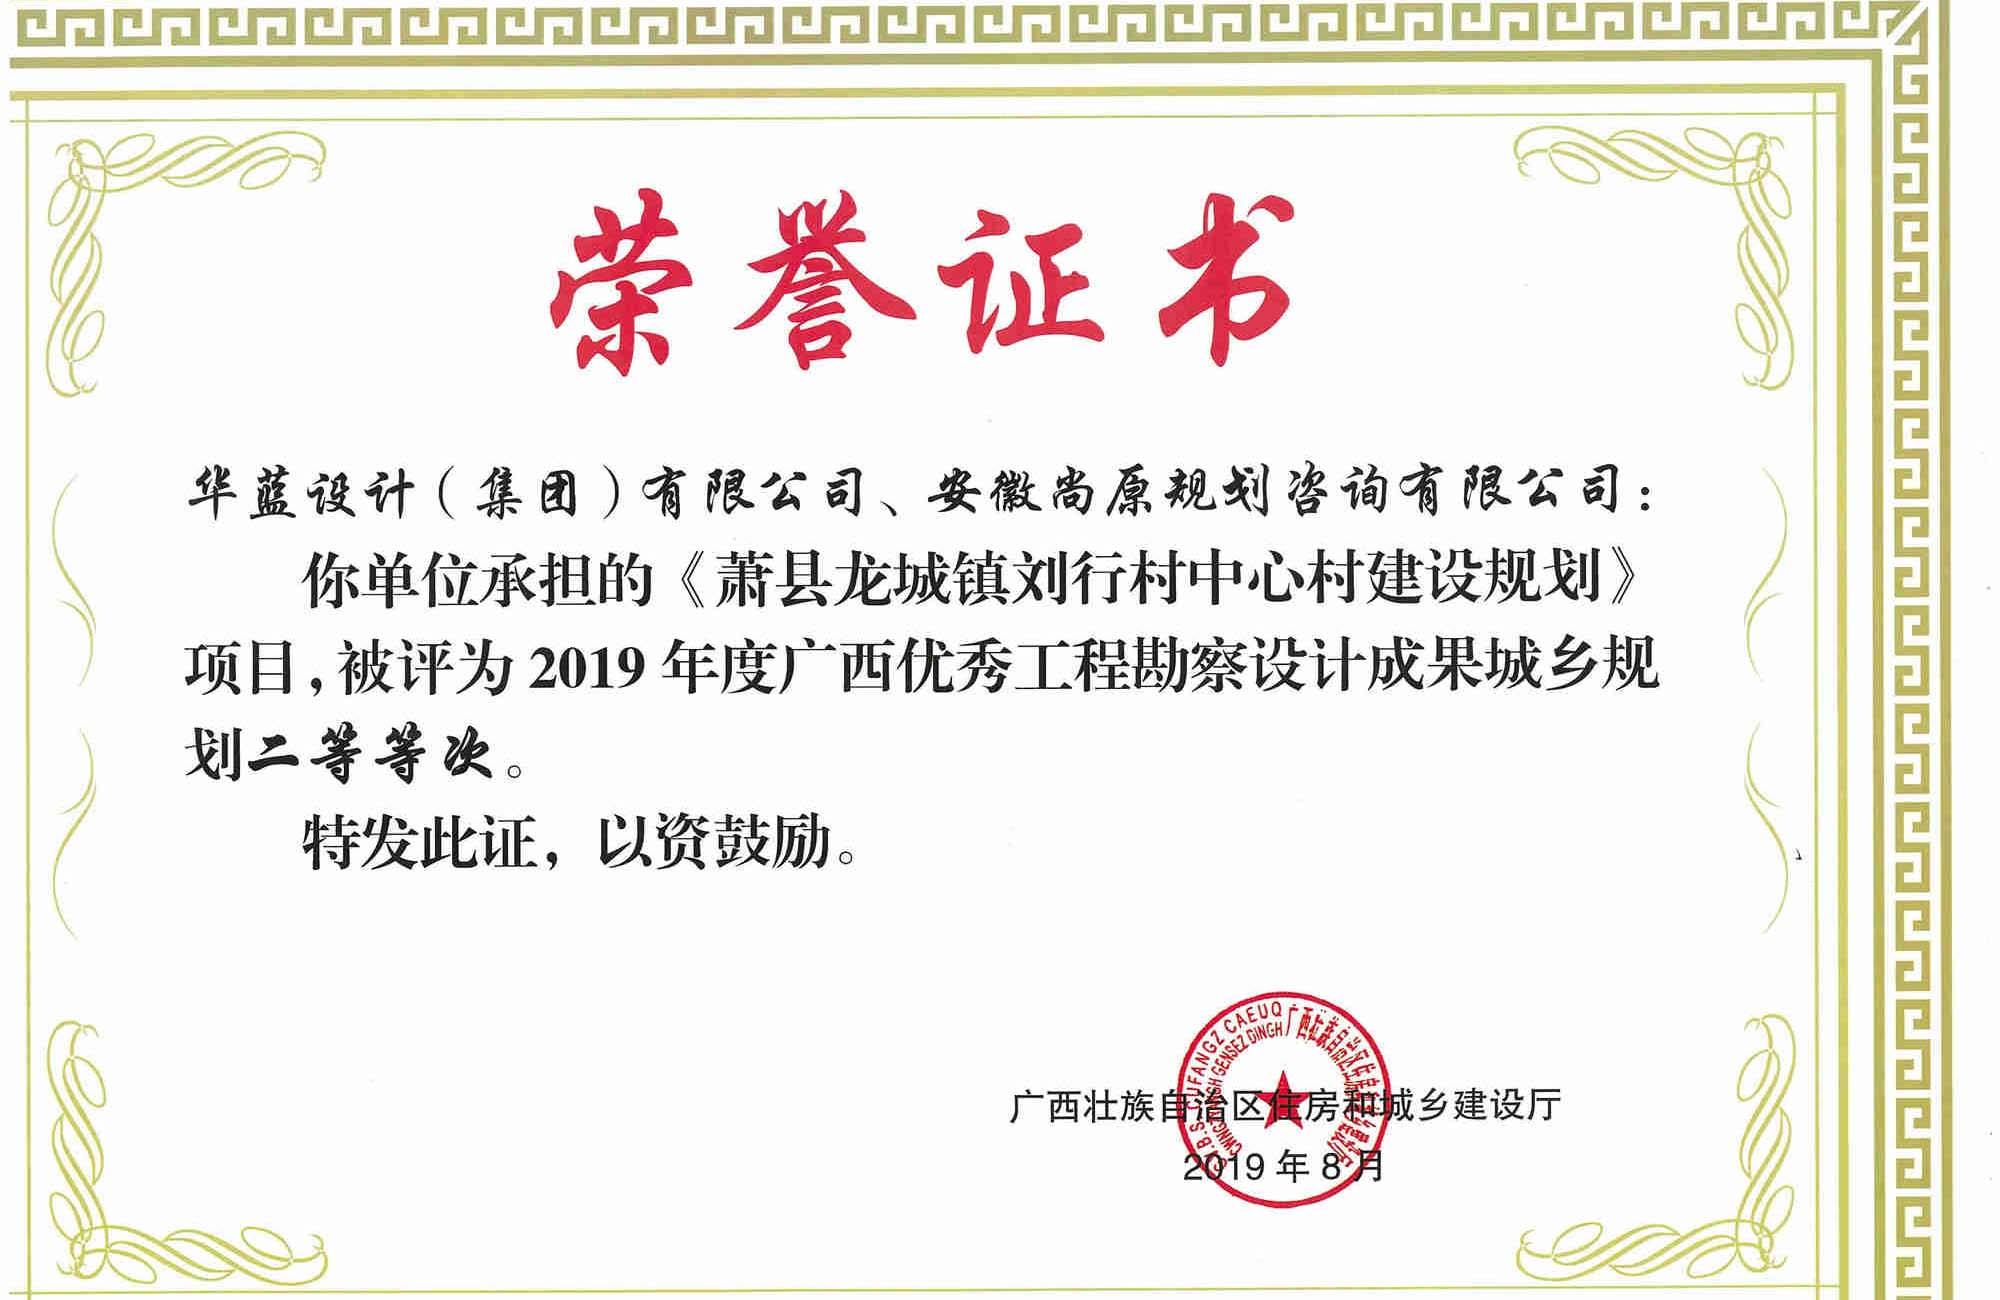 萧县龙城镇刘行村中心村建设规划项目工程勘察设计成果城乡规划二等奖获奖证书